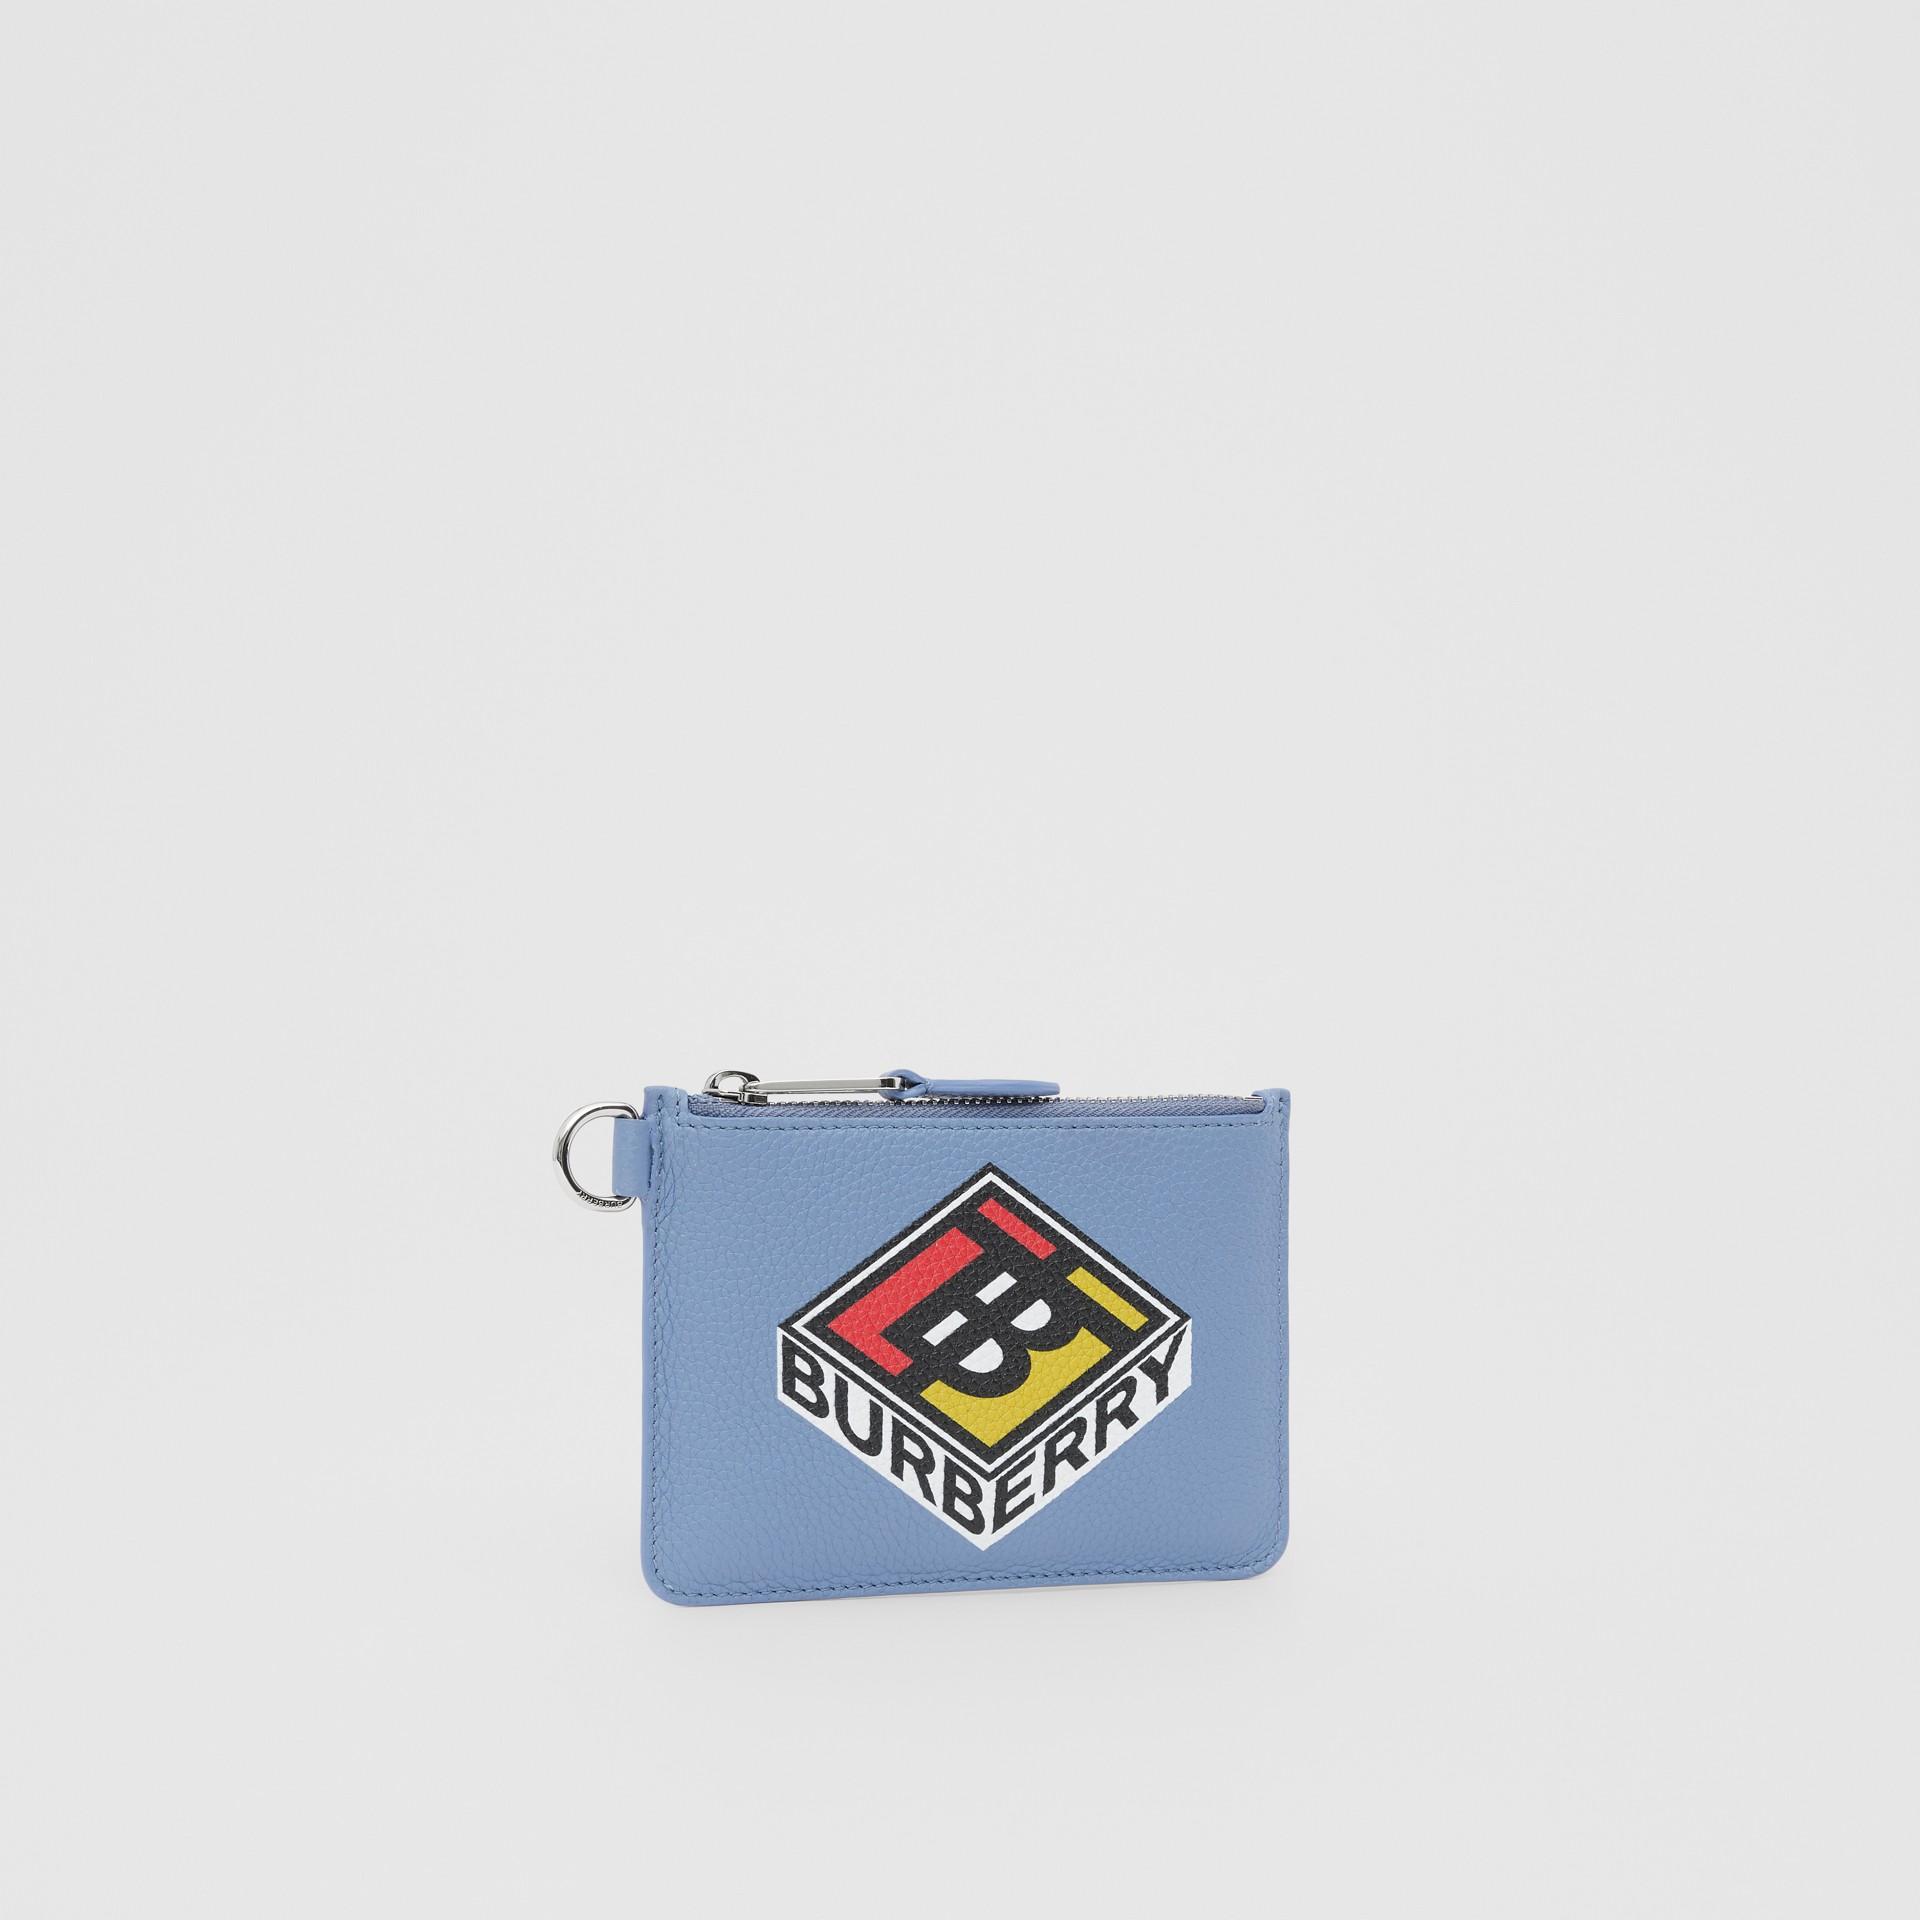 로고 그래픽 레더 지퍼 동전 케이스 (페일 블루벨) - 남성 | Burberry - 갤러리 이미지 4